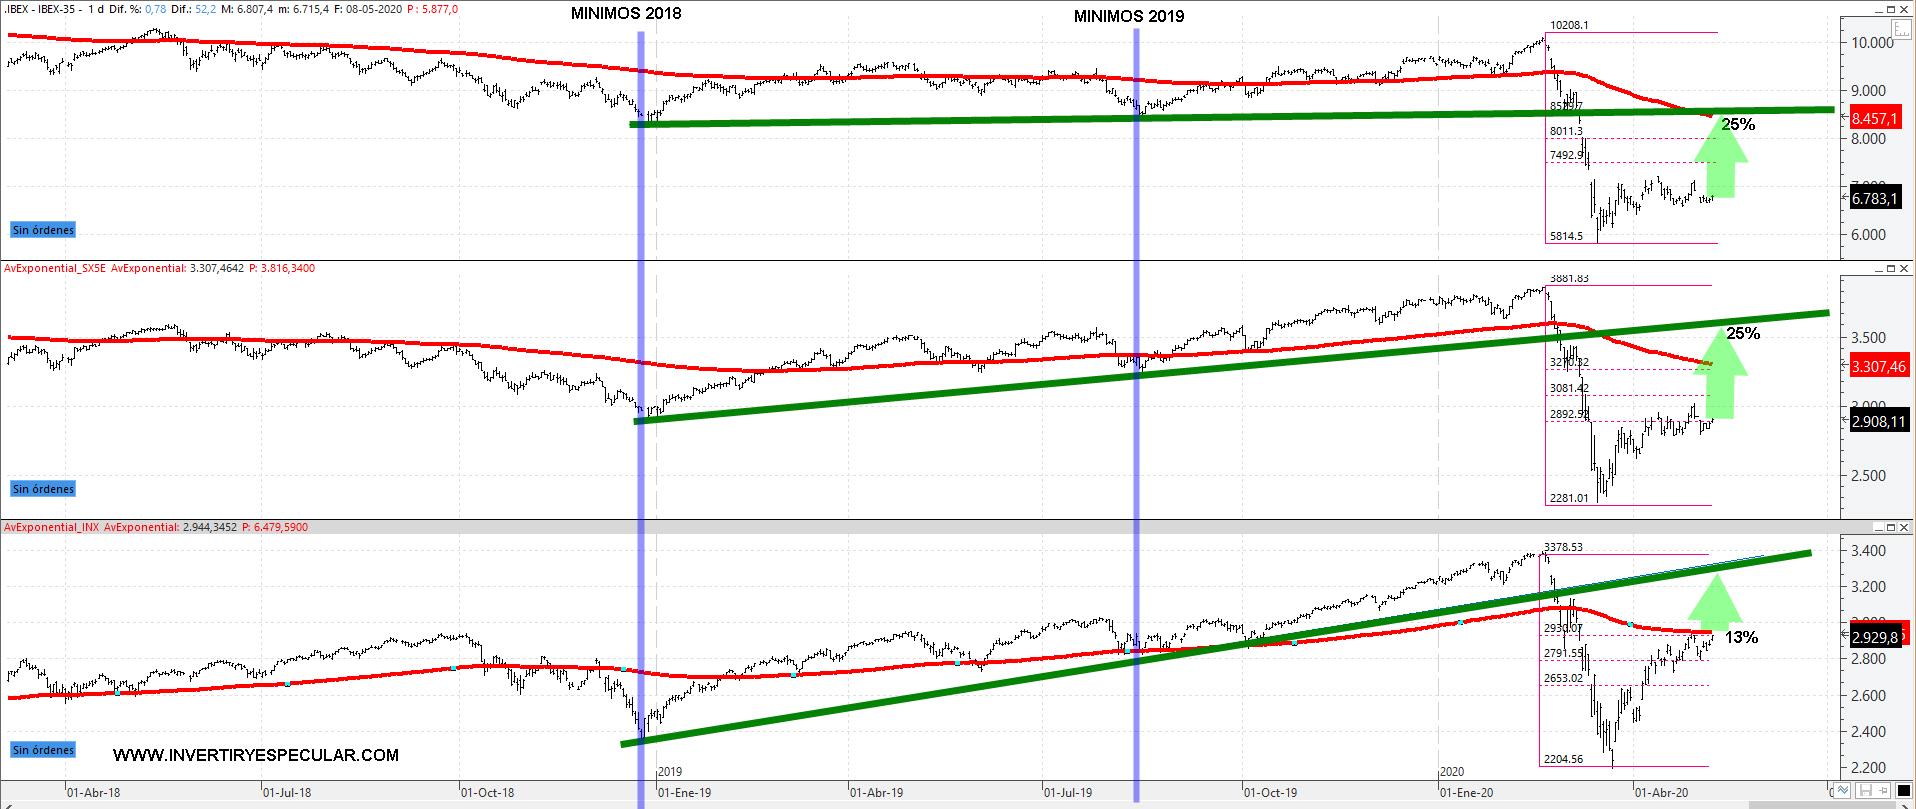 Seguimos igual: Wall Street no baja y Europa no sube